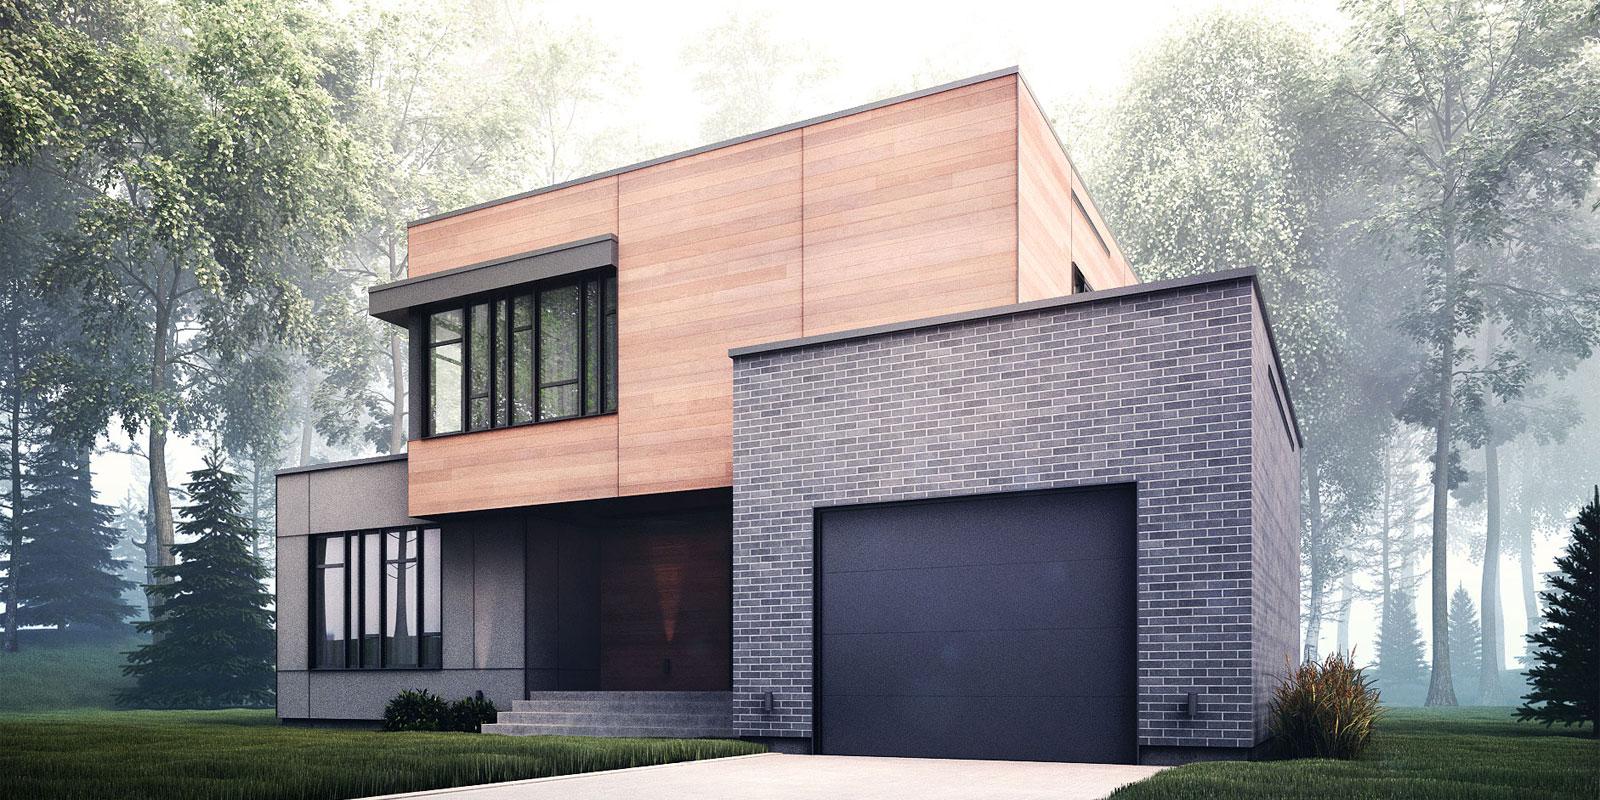 le projet zone c style unique qu bec terrains de 7000 28 000 pi2 tous les services. Black Bedroom Furniture Sets. Home Design Ideas